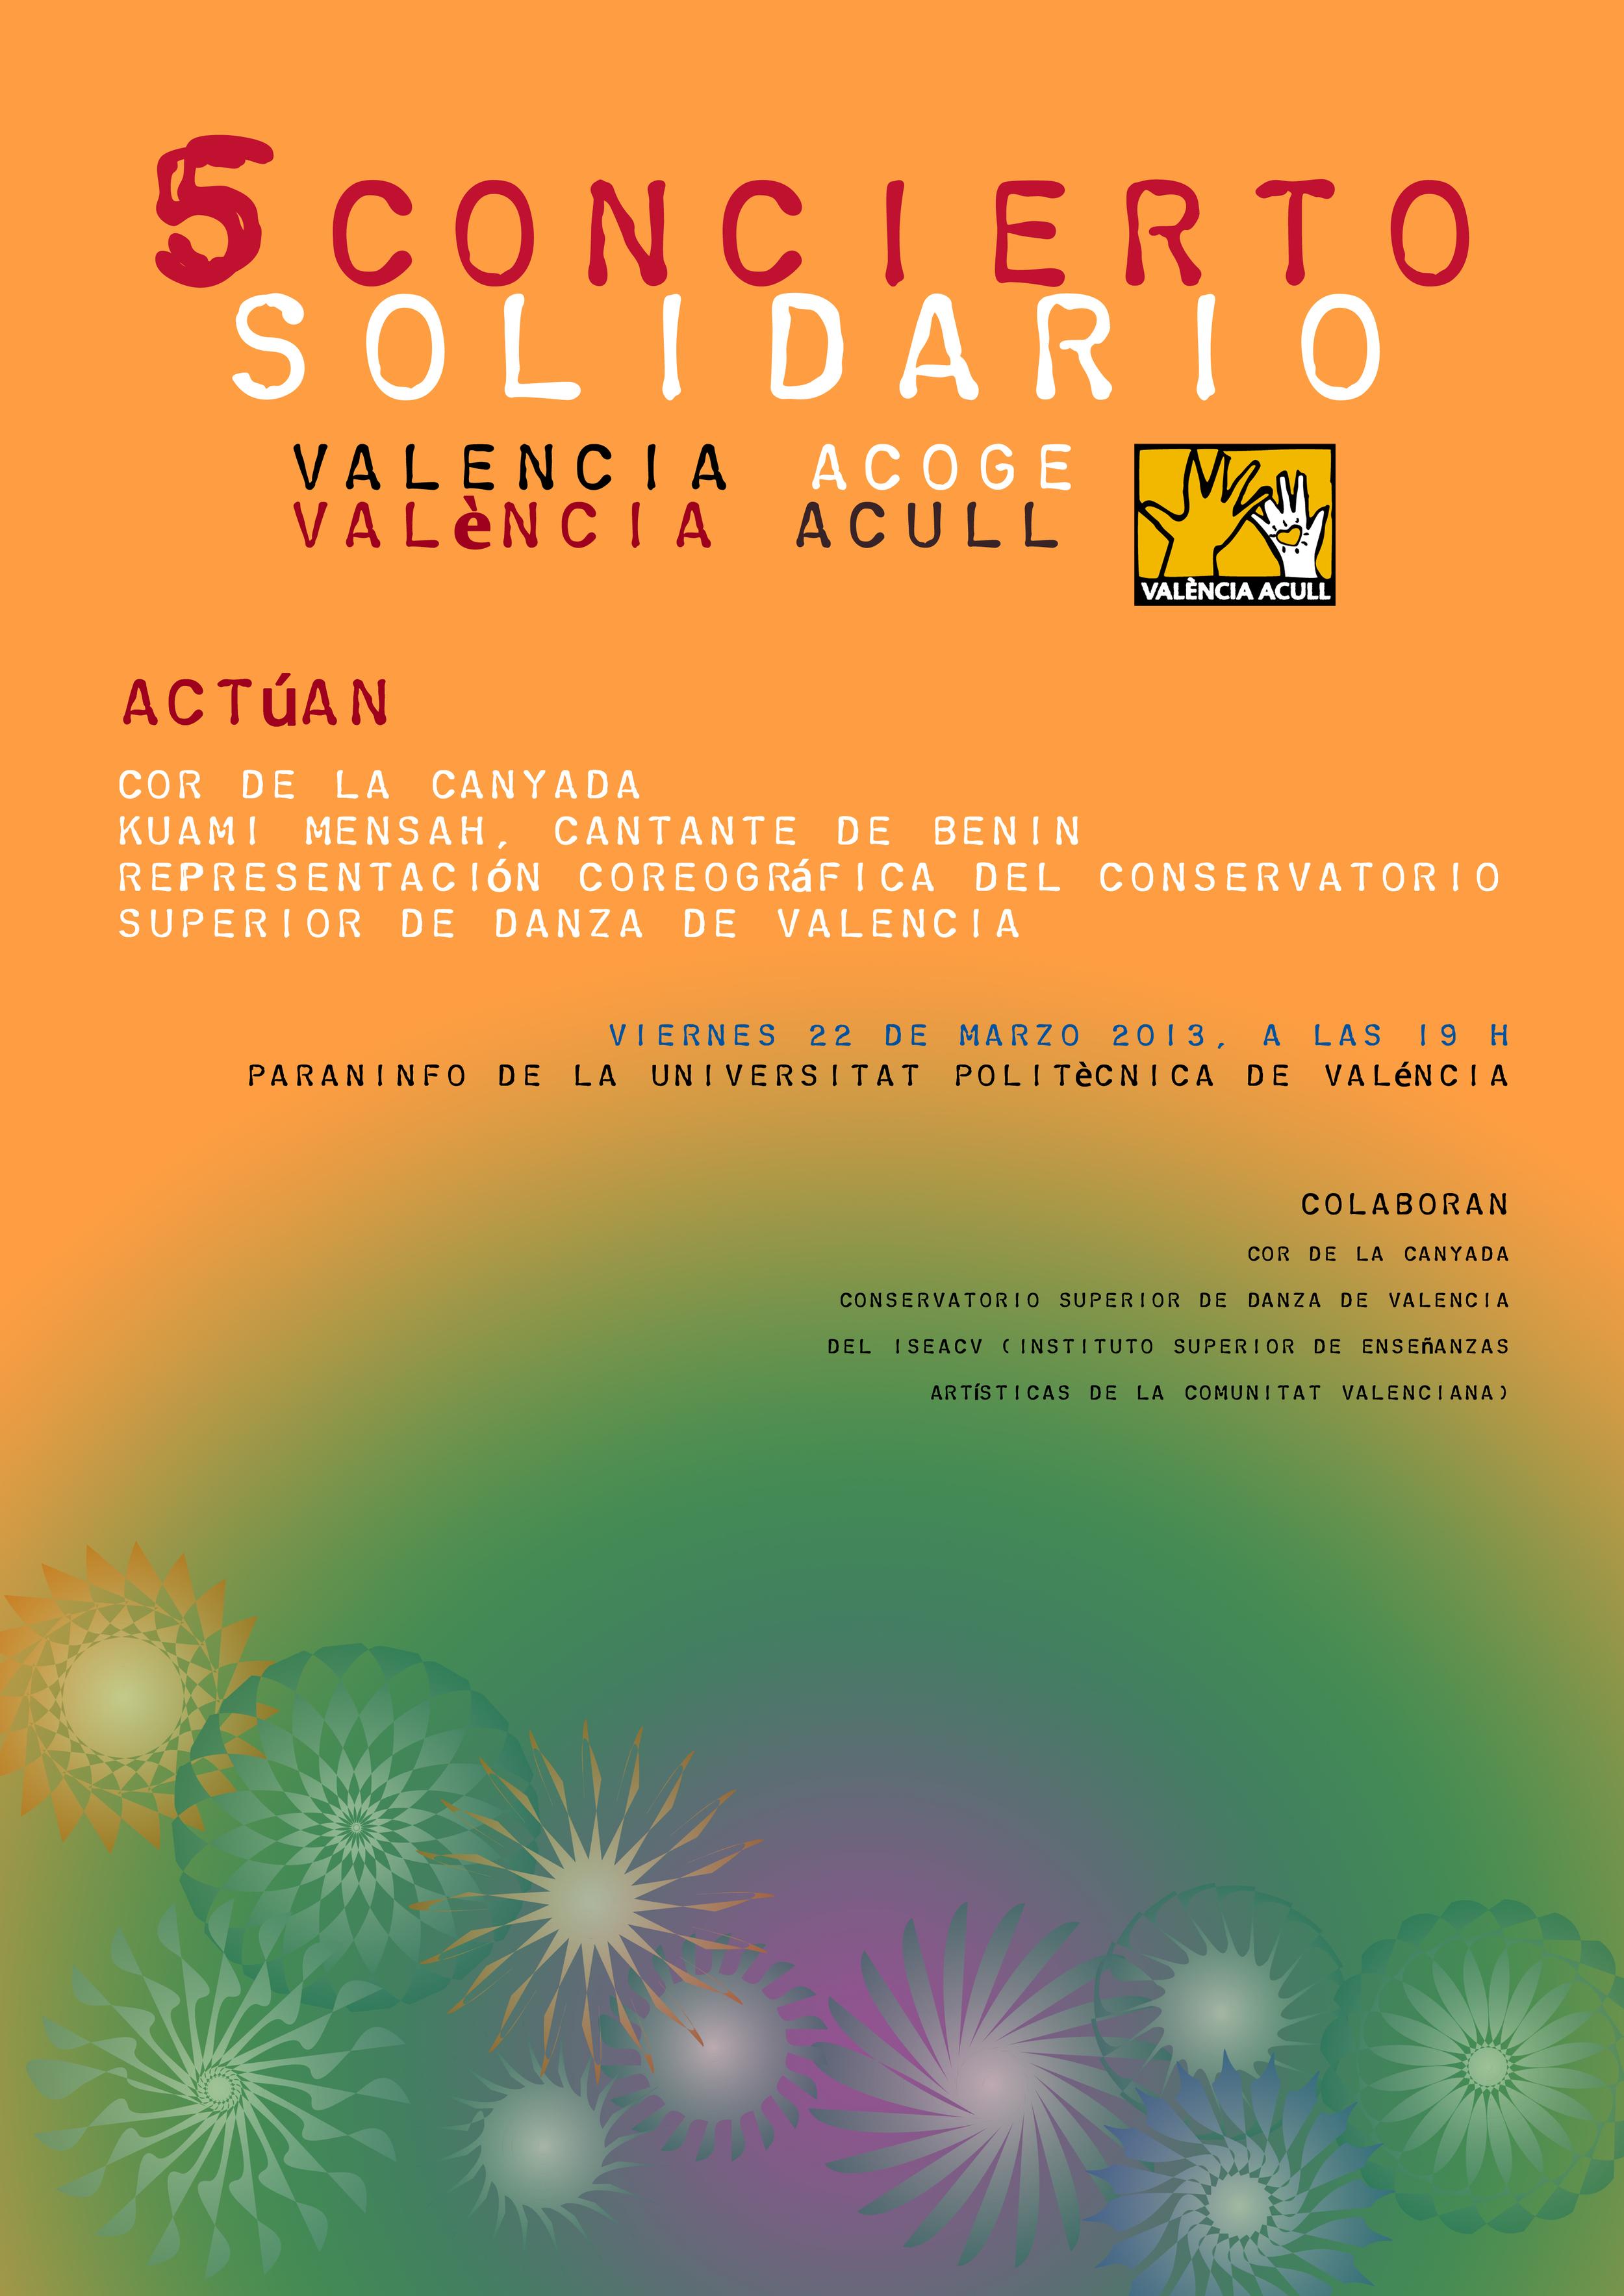 Cartel '5 Concierto solidario', Valencia Acoge